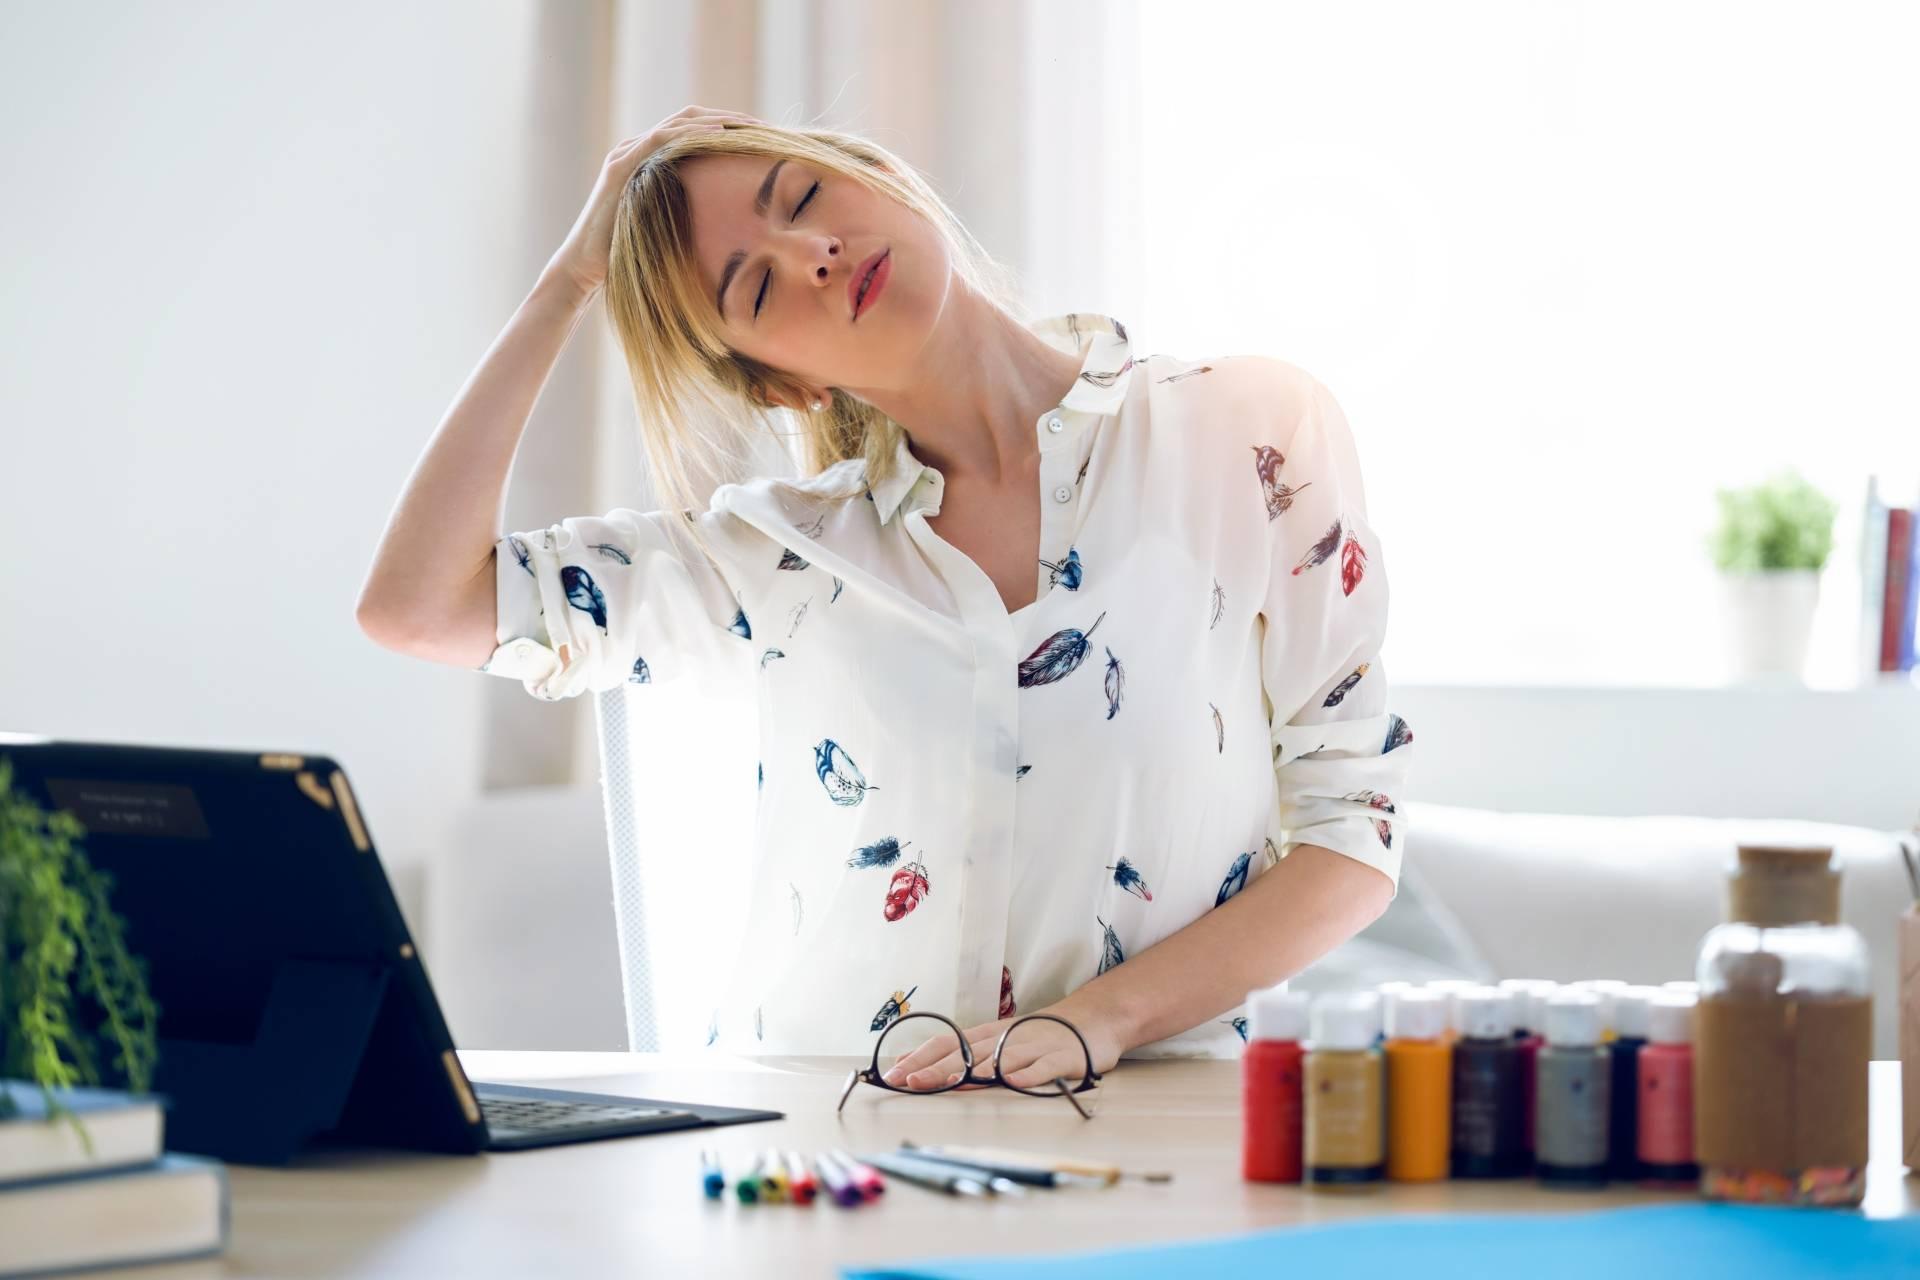 Jak ćwiczyć przy biurku, aby rozluźnić kręgosłup?